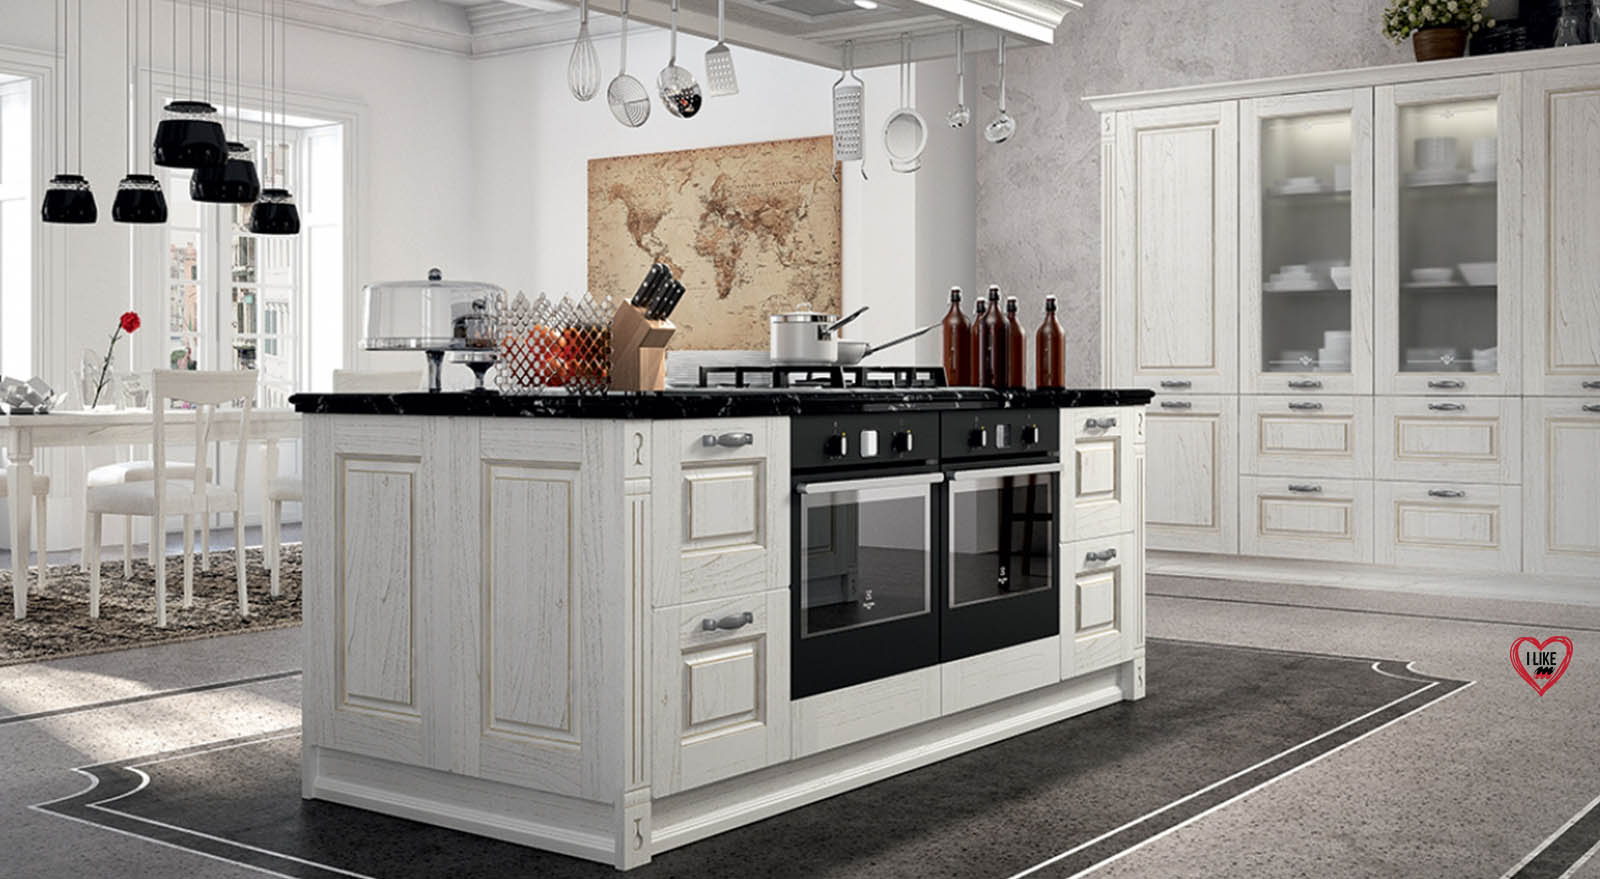 Cucine Classiche In Legno. Amazing Cucina Classica In Legno ...